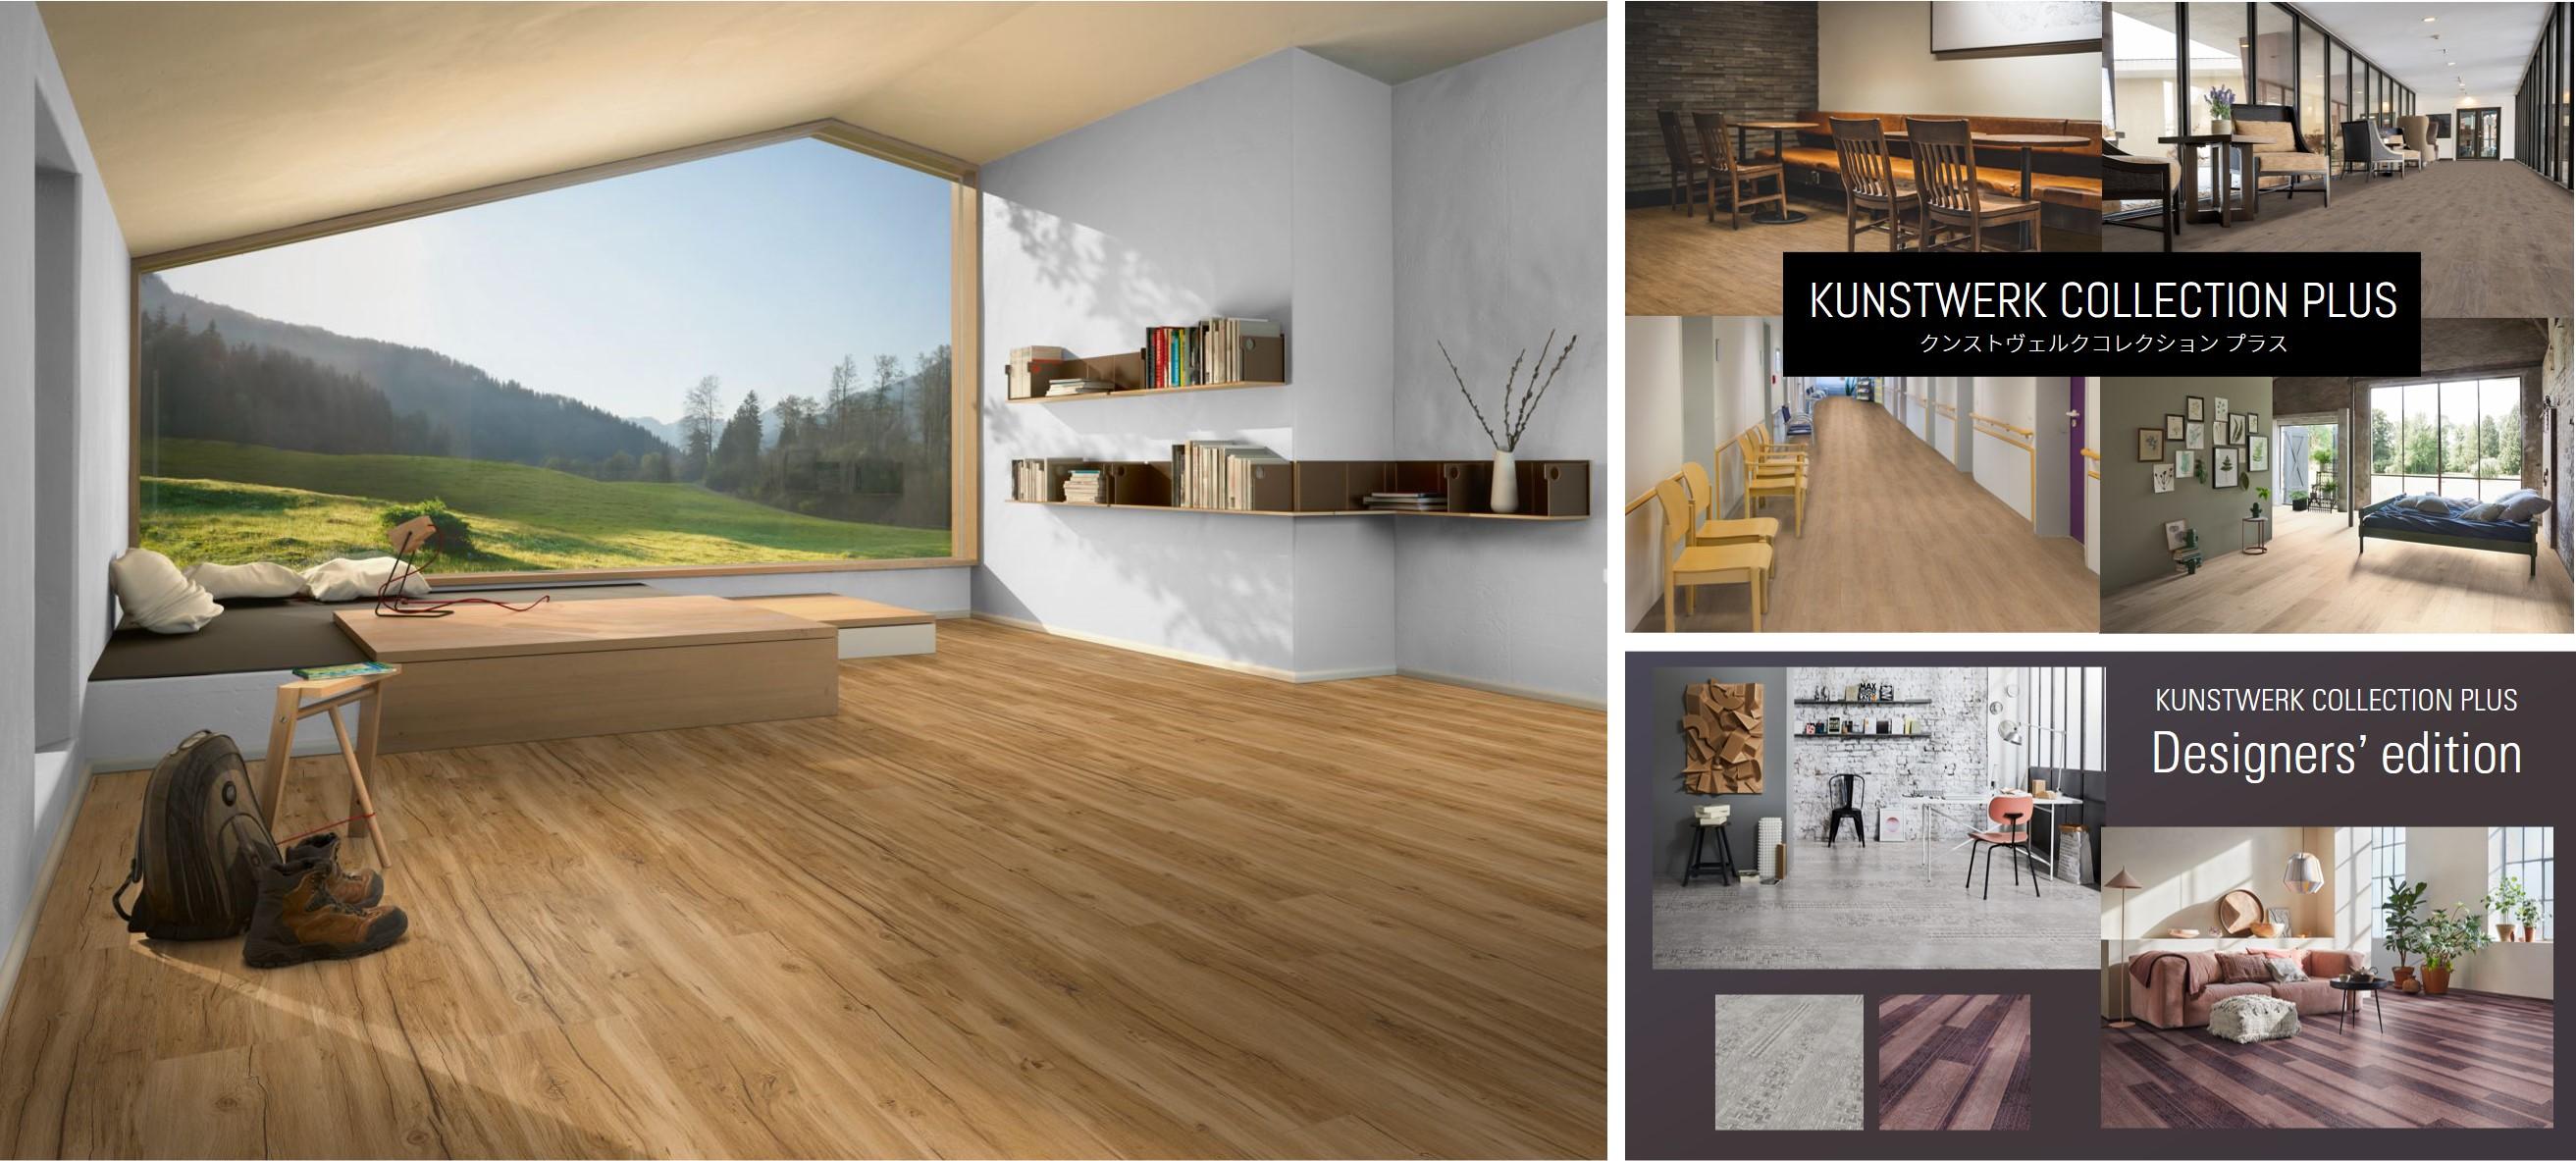 ドイツ製床材を本格販売 新素材商品など、イシカワ 画像1